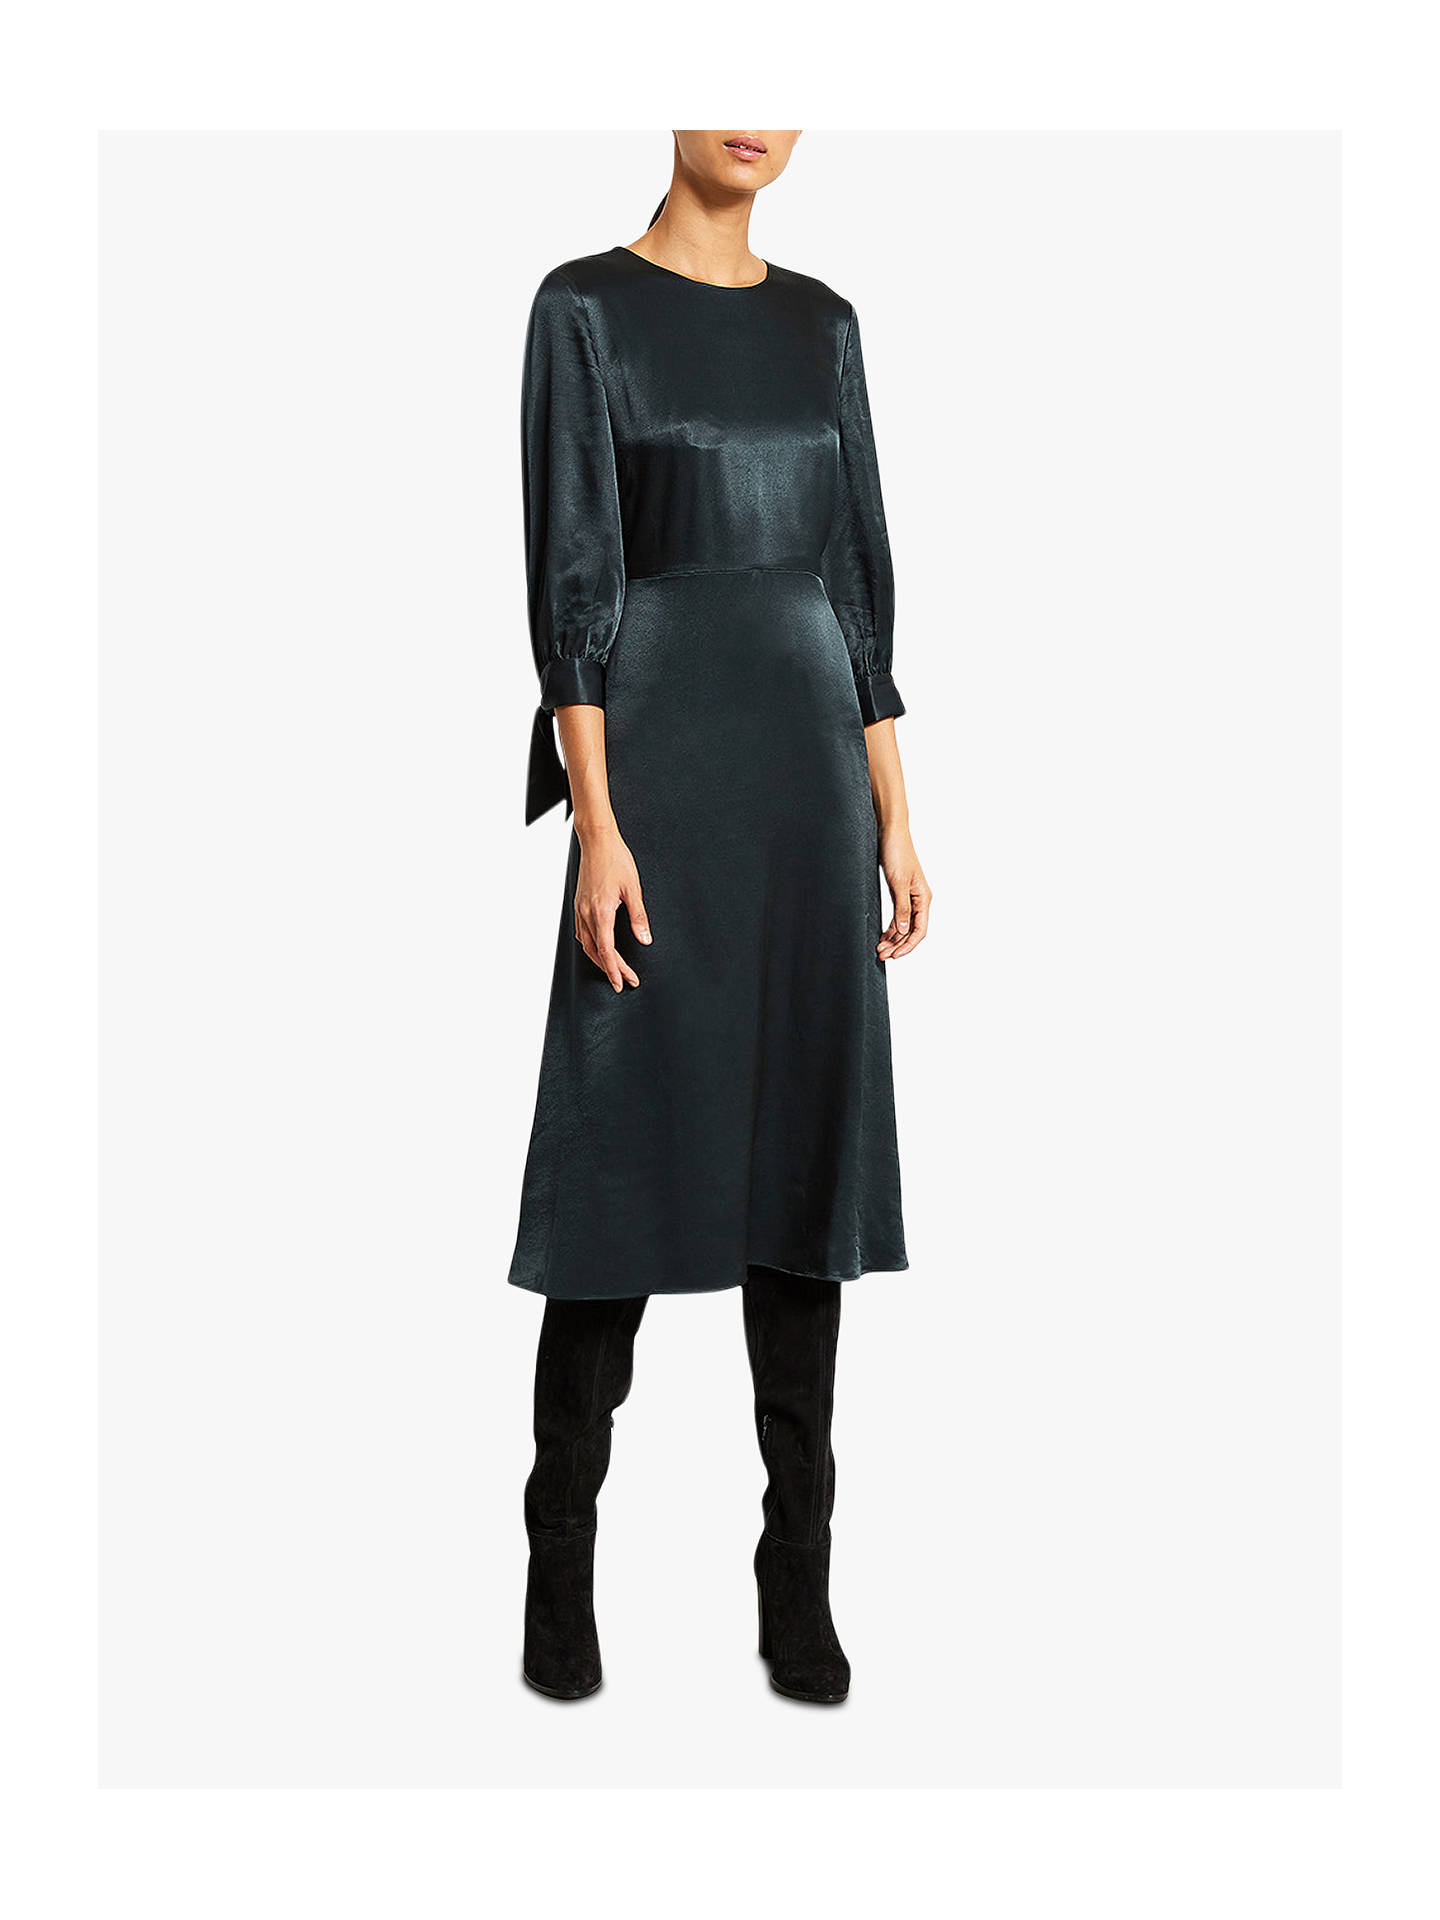 52578b2403 Buy Mint Velvet Satin Midi Dress